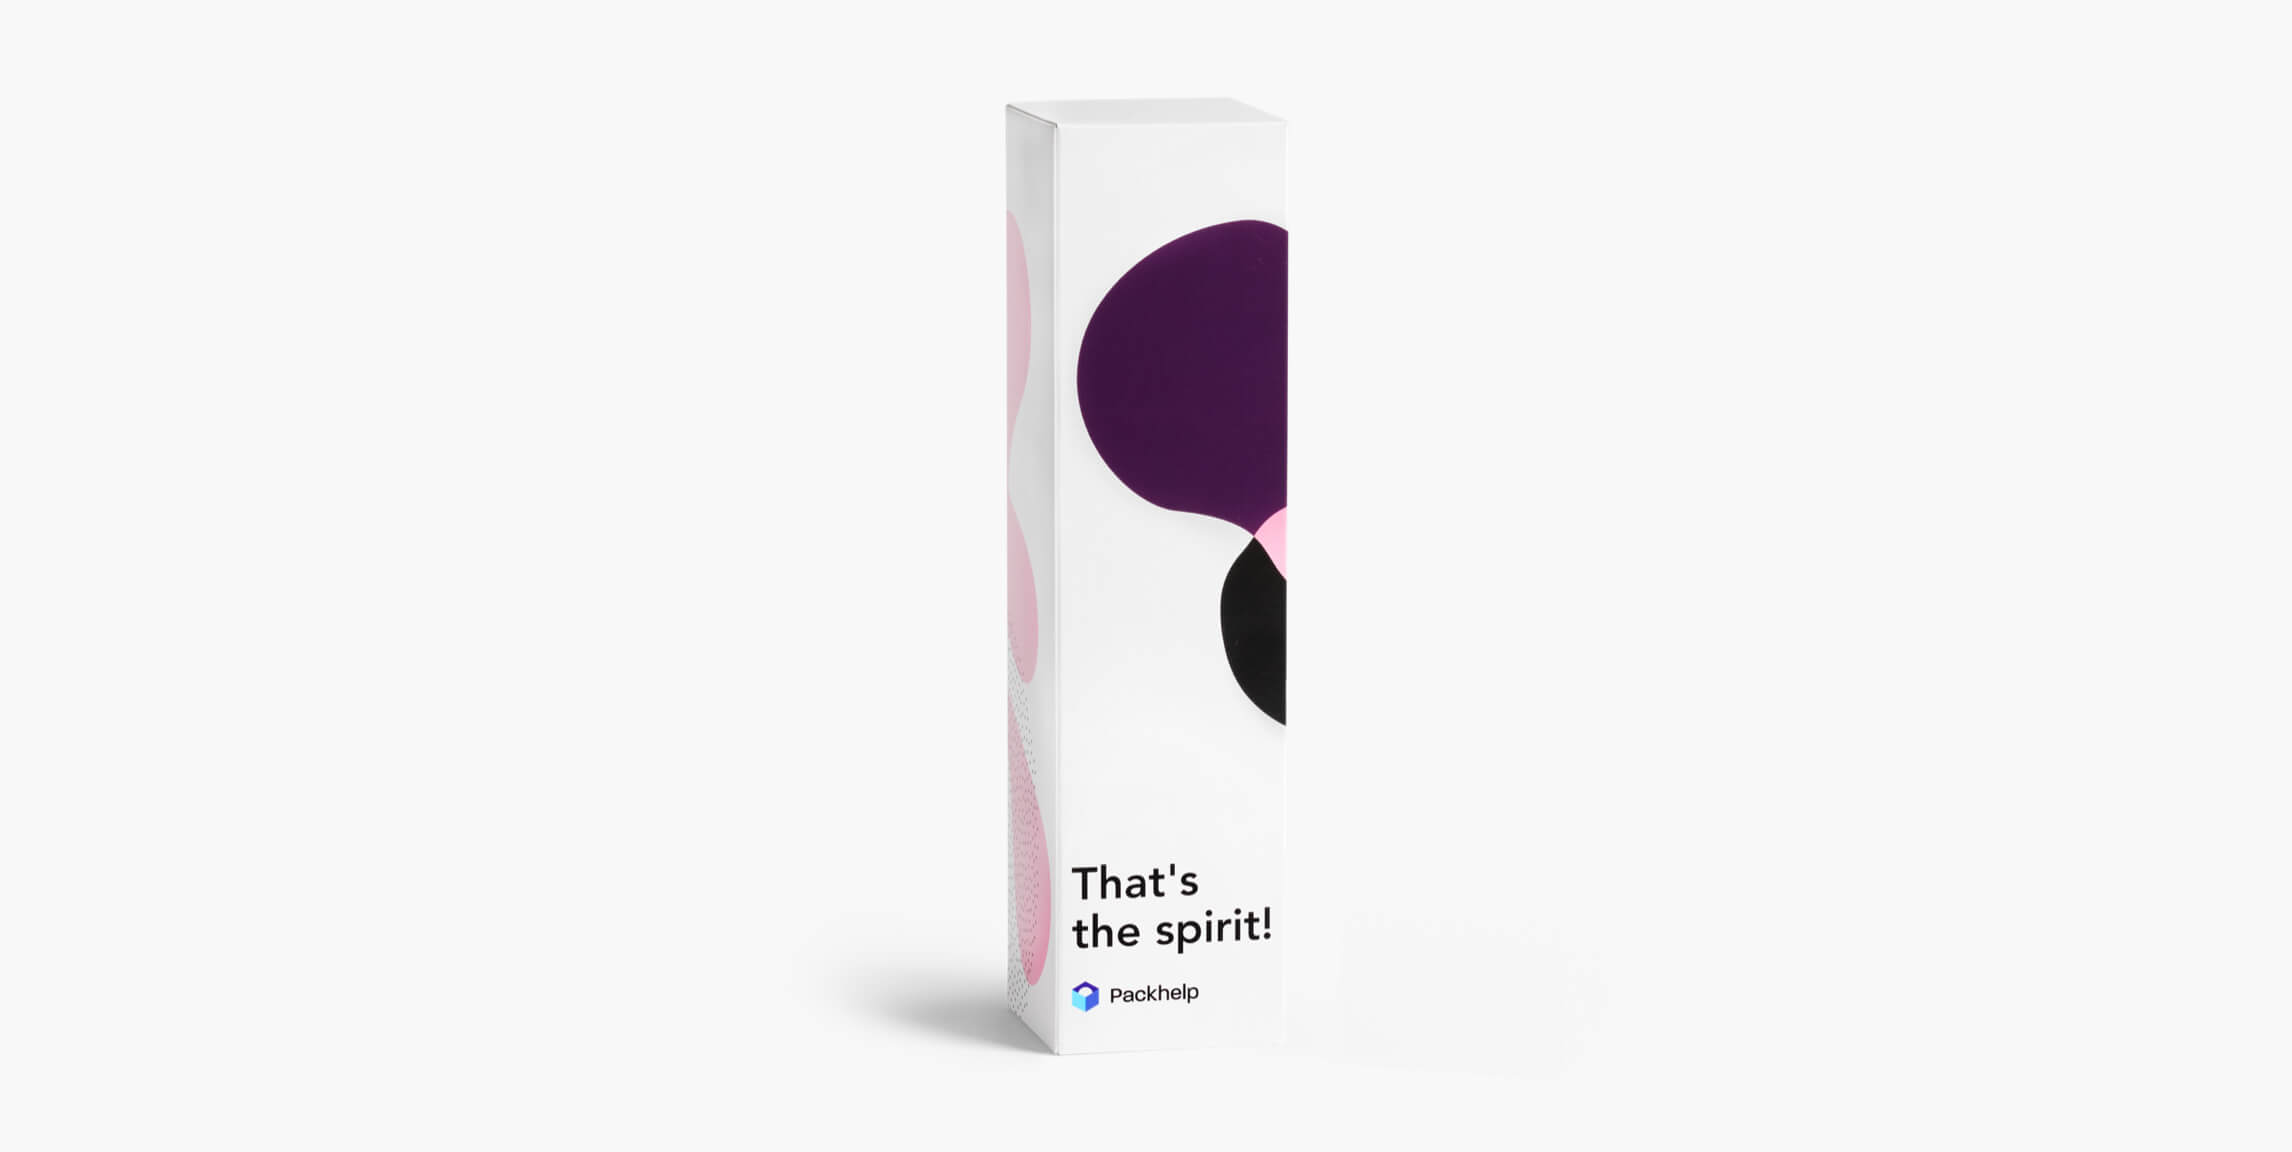 Custom Wine Boxes - custom packaging - Packhelp